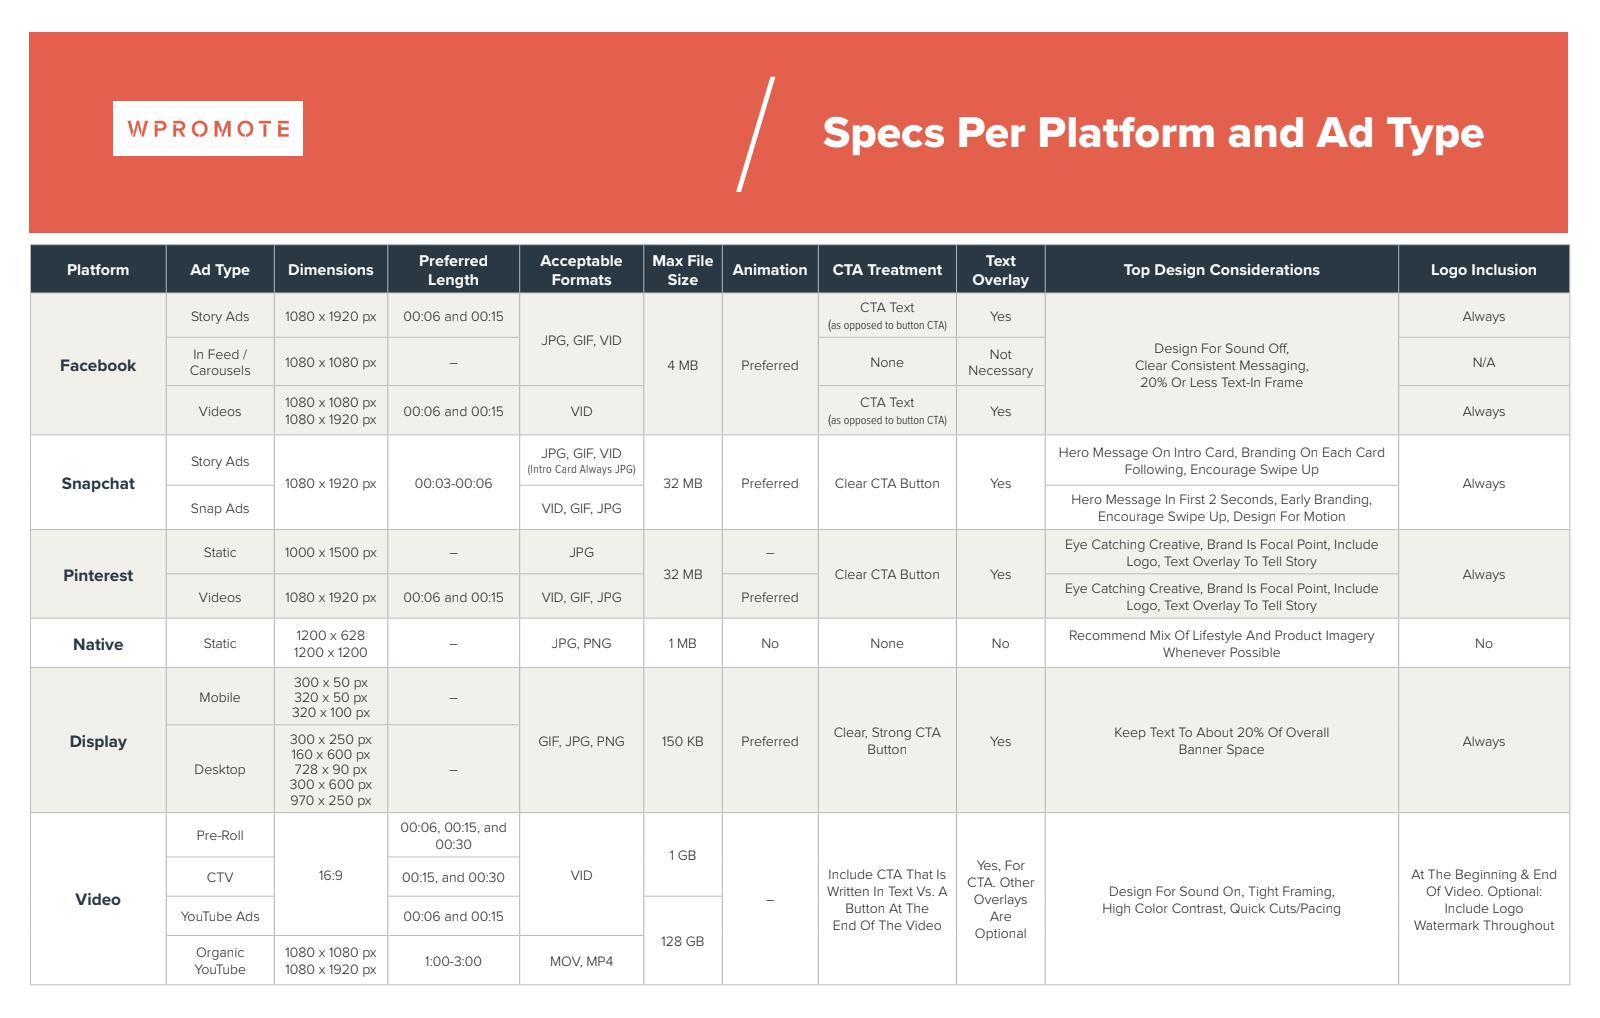 Social ad specs per platform and ad type